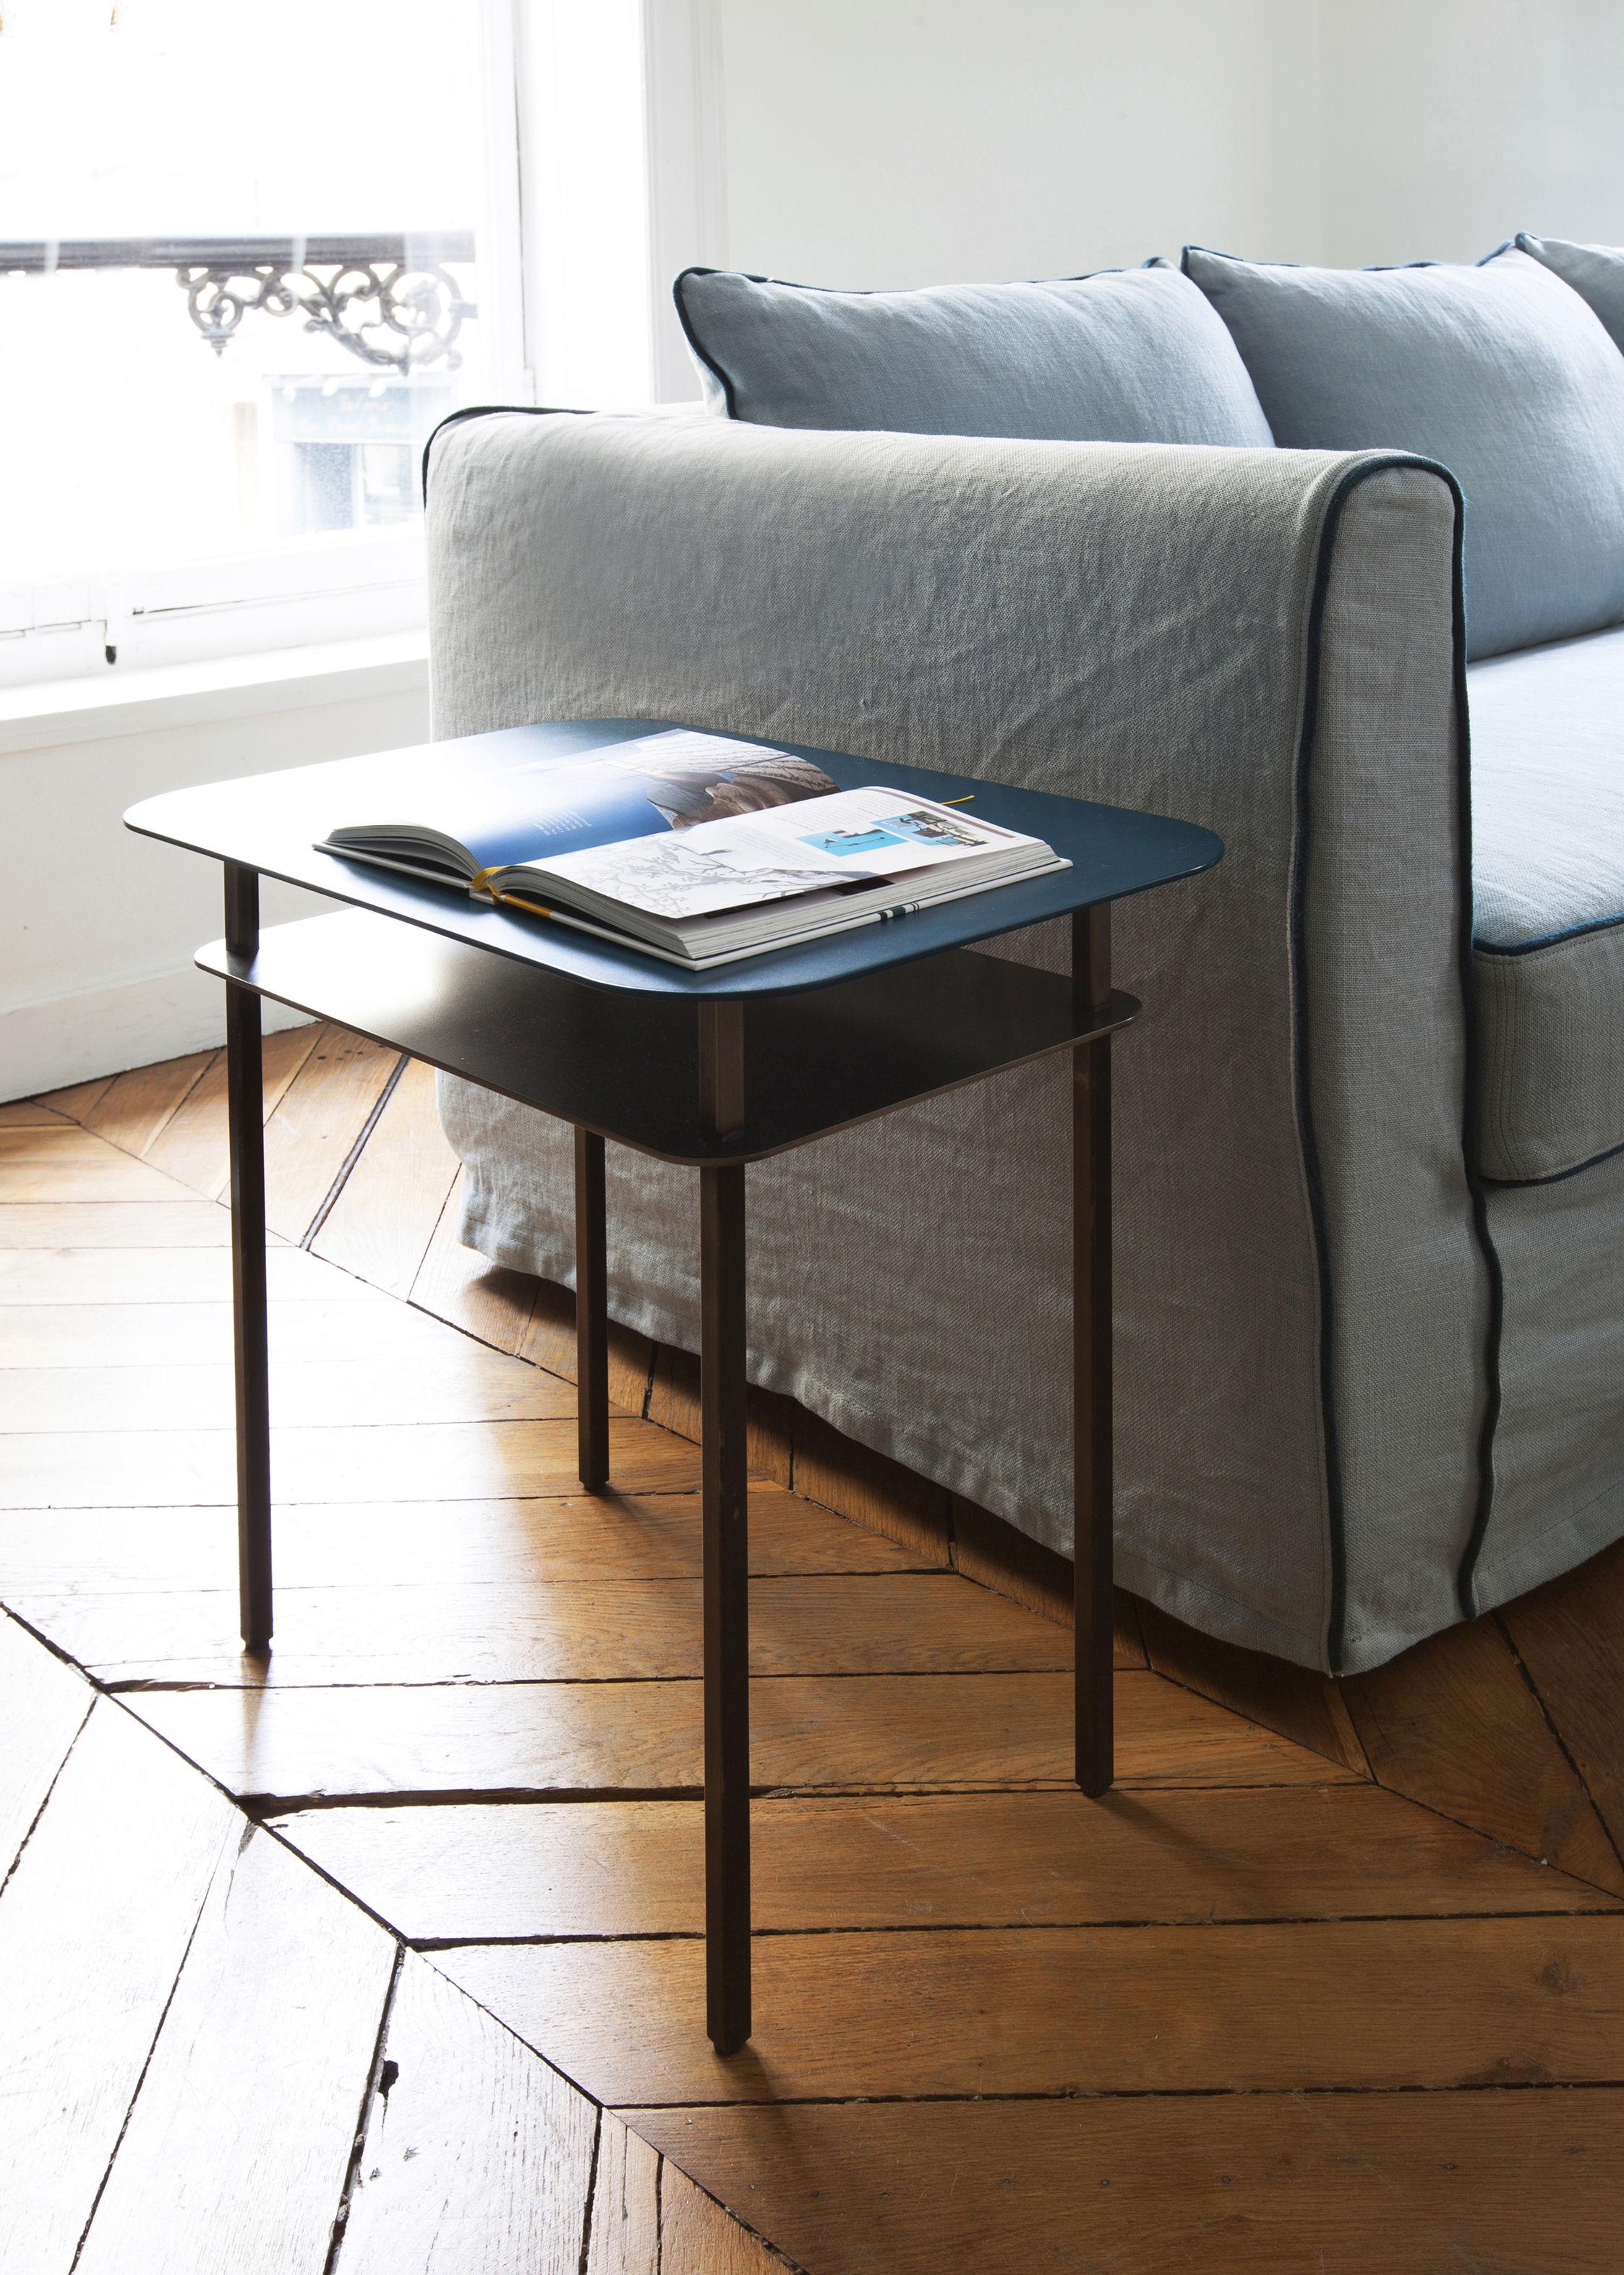 table d 39 appoint kara 60 x 44 cm bleu sarah maison sarah lavoine. Black Bedroom Furniture Sets. Home Design Ideas